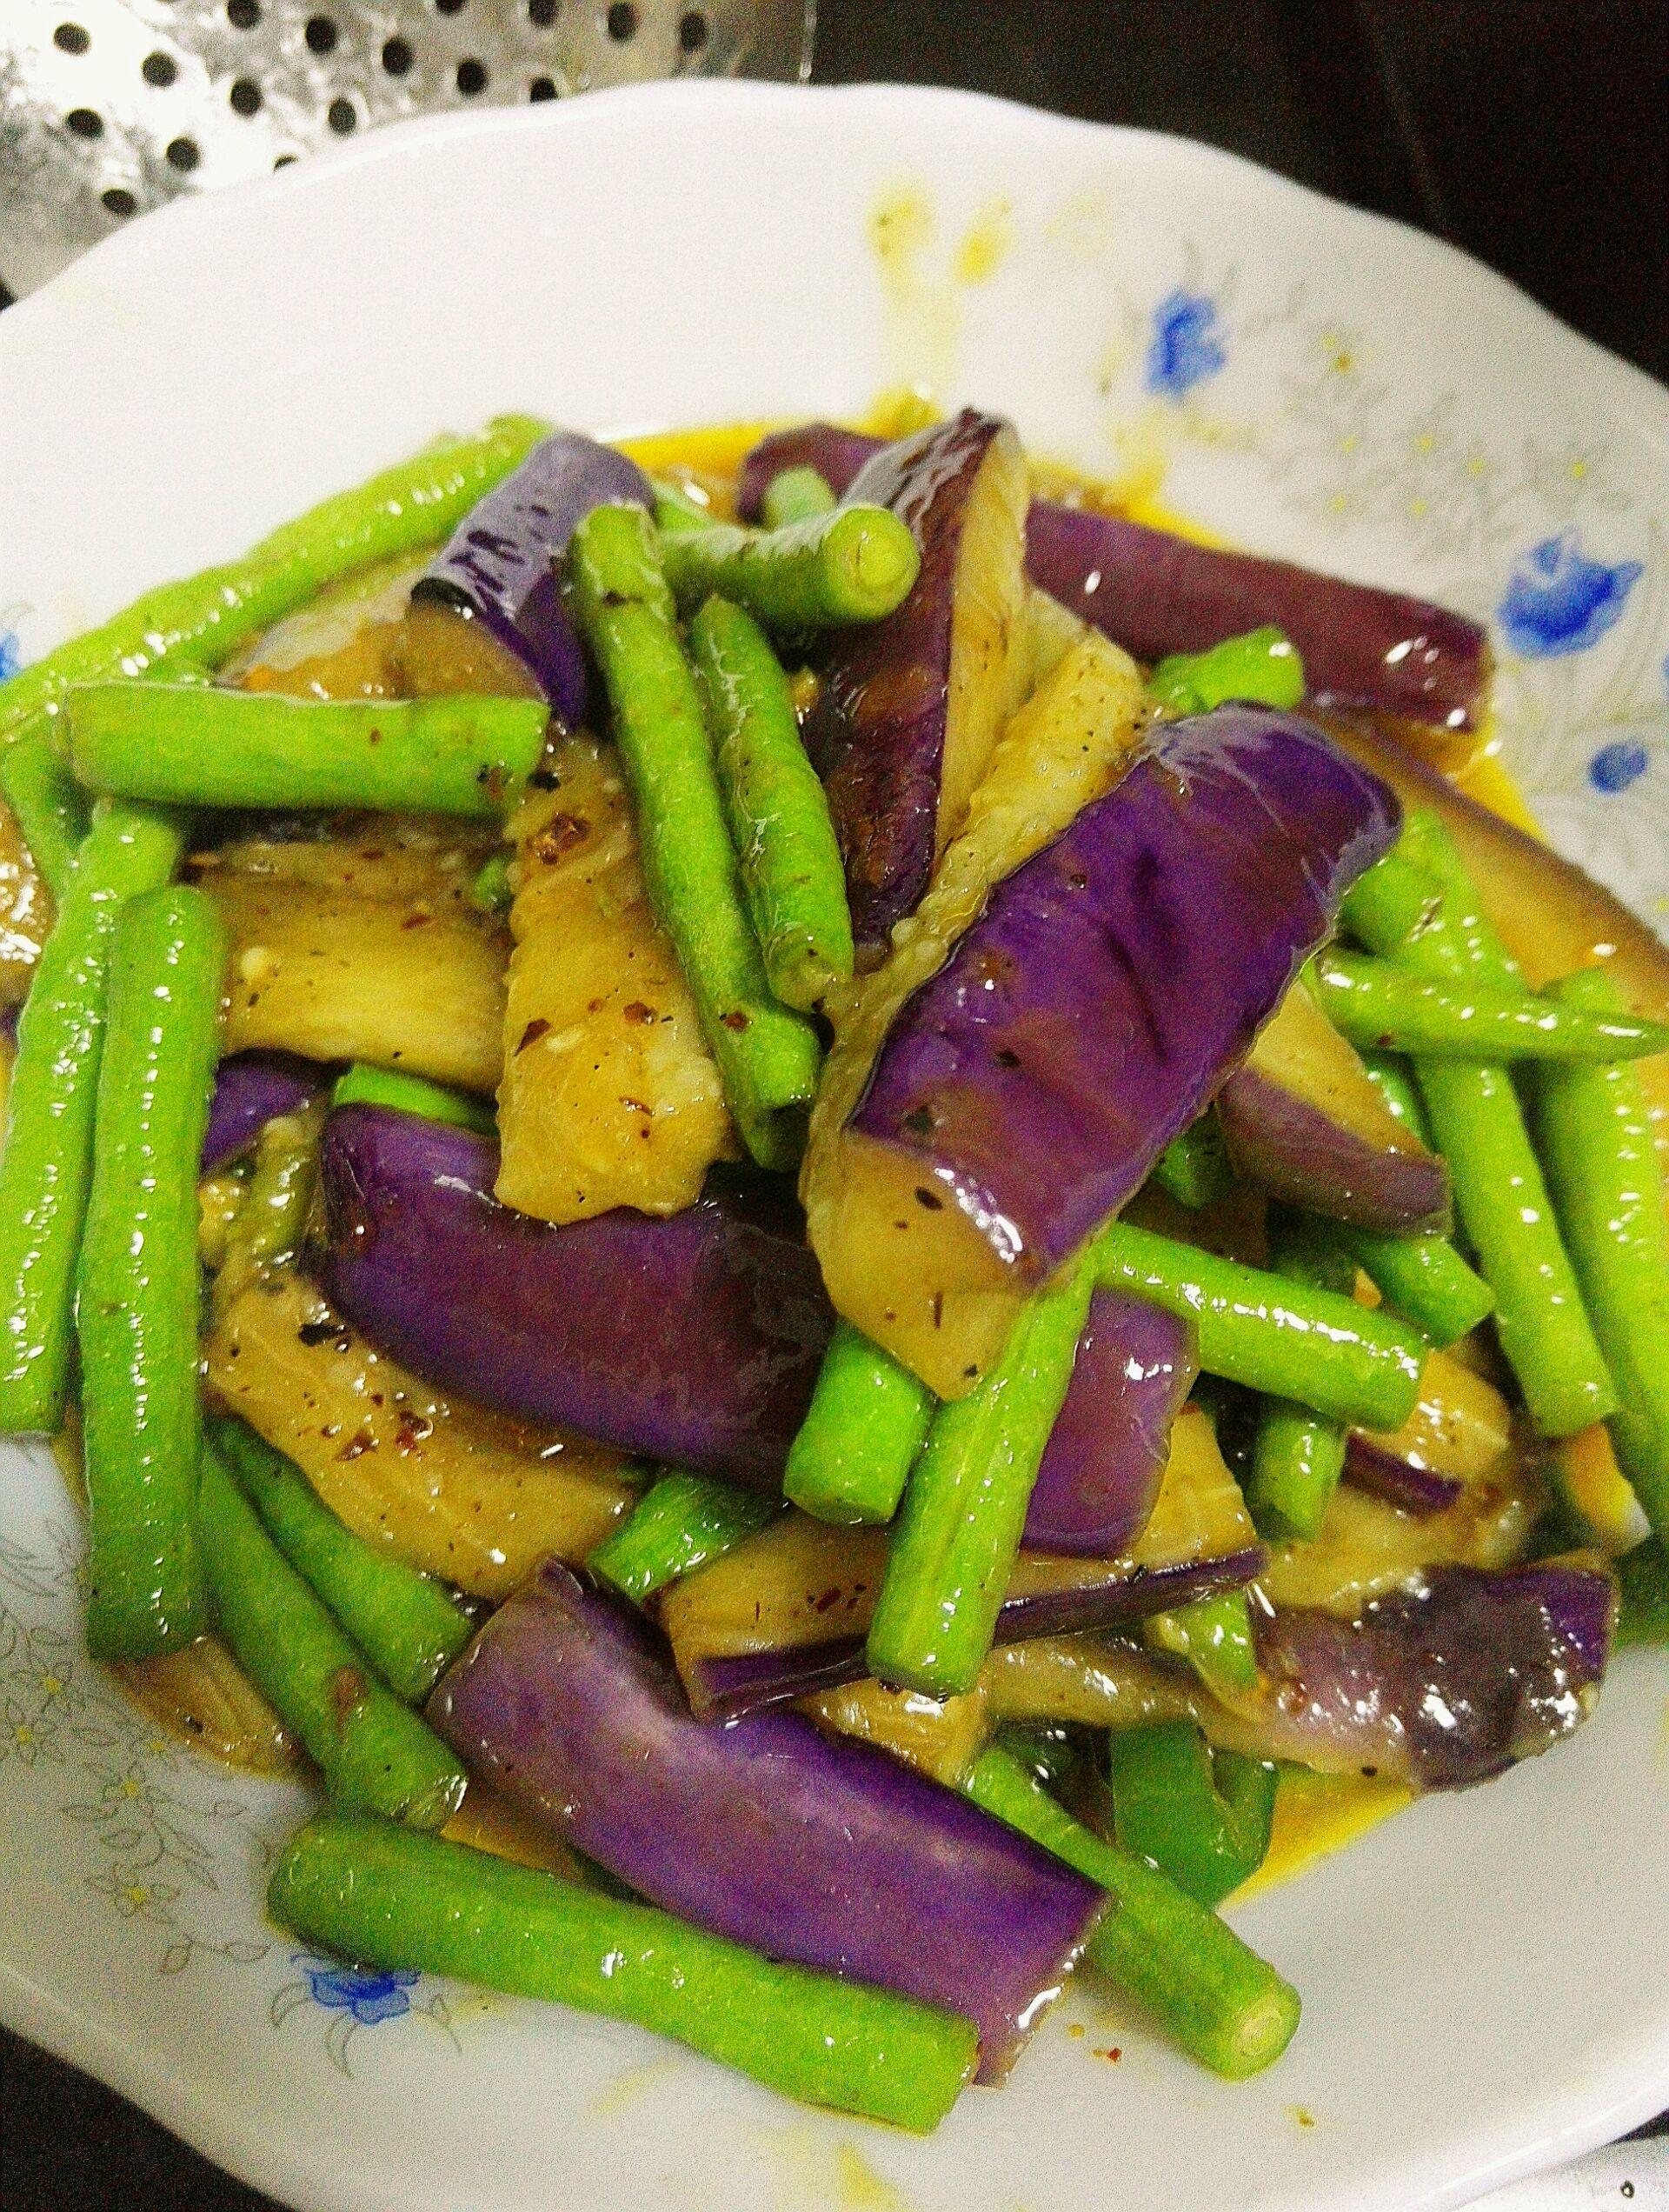 茄子豆角的做法_【图解】茄子豆角怎么做如何做好吃